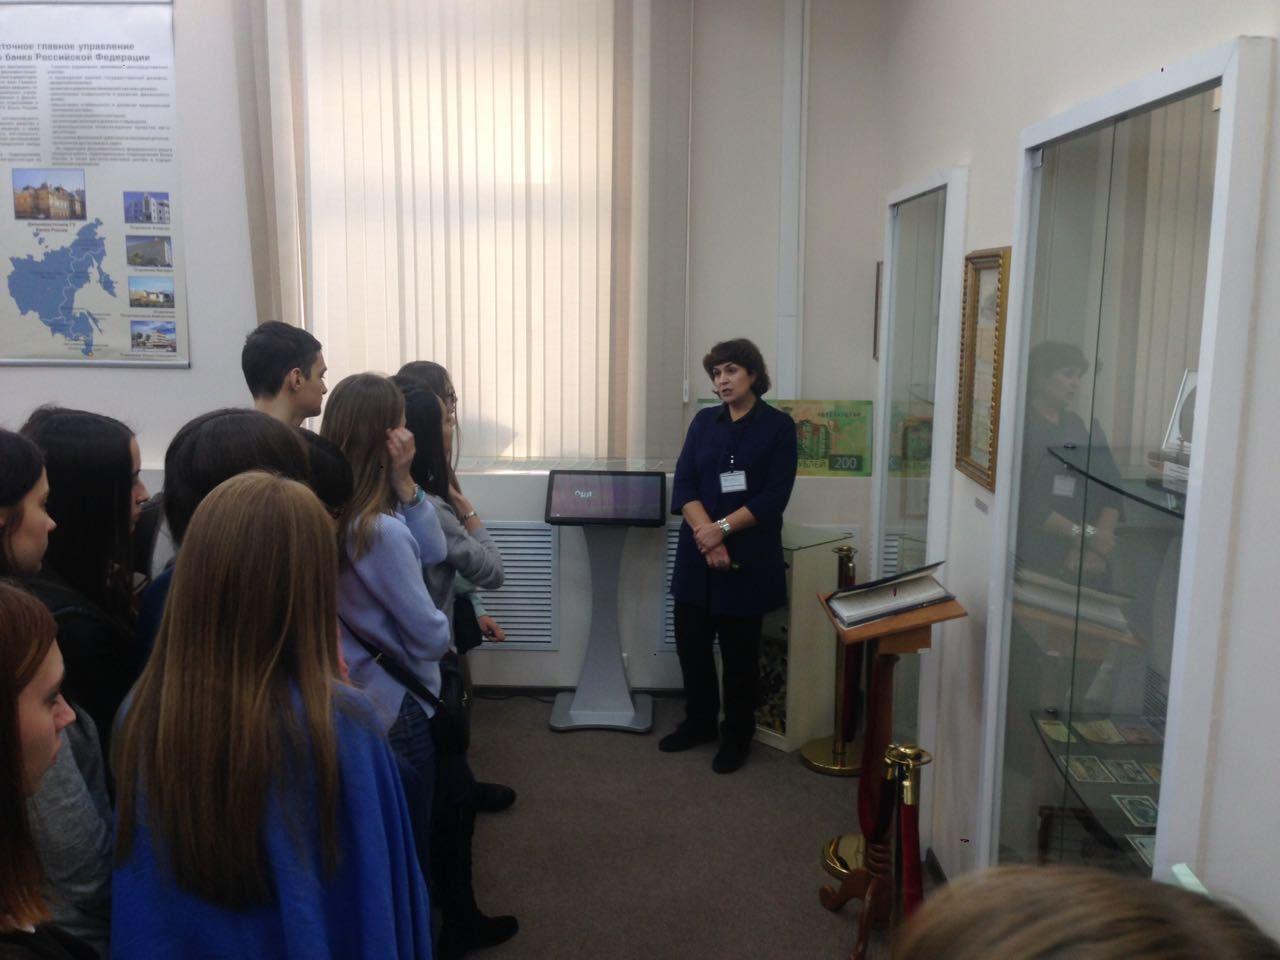 Студенты кафедры экономики посетили Центральный банк России